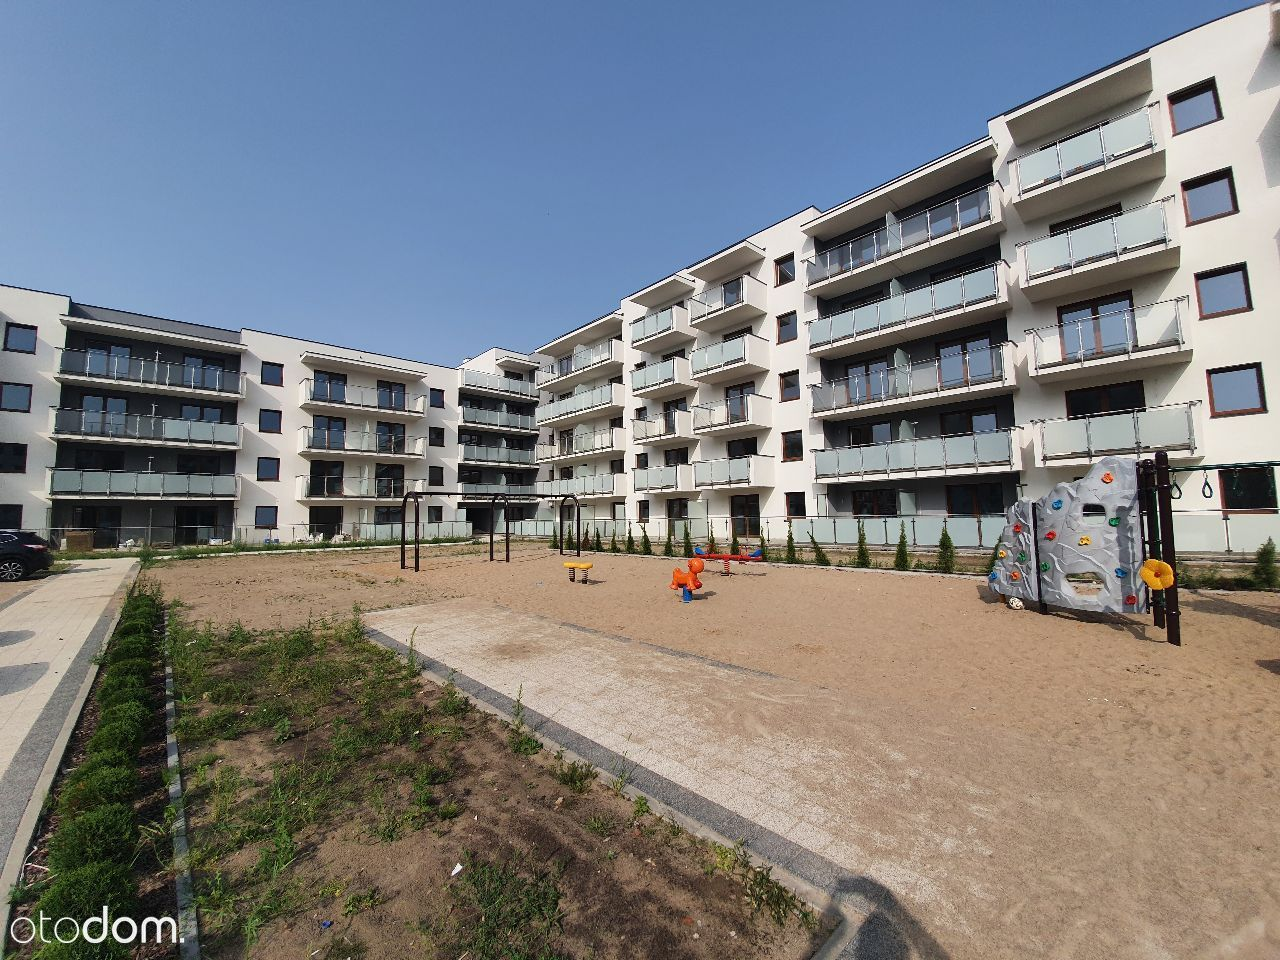 Srzedam mieszkanie 4 pokojowe 69,74 m2